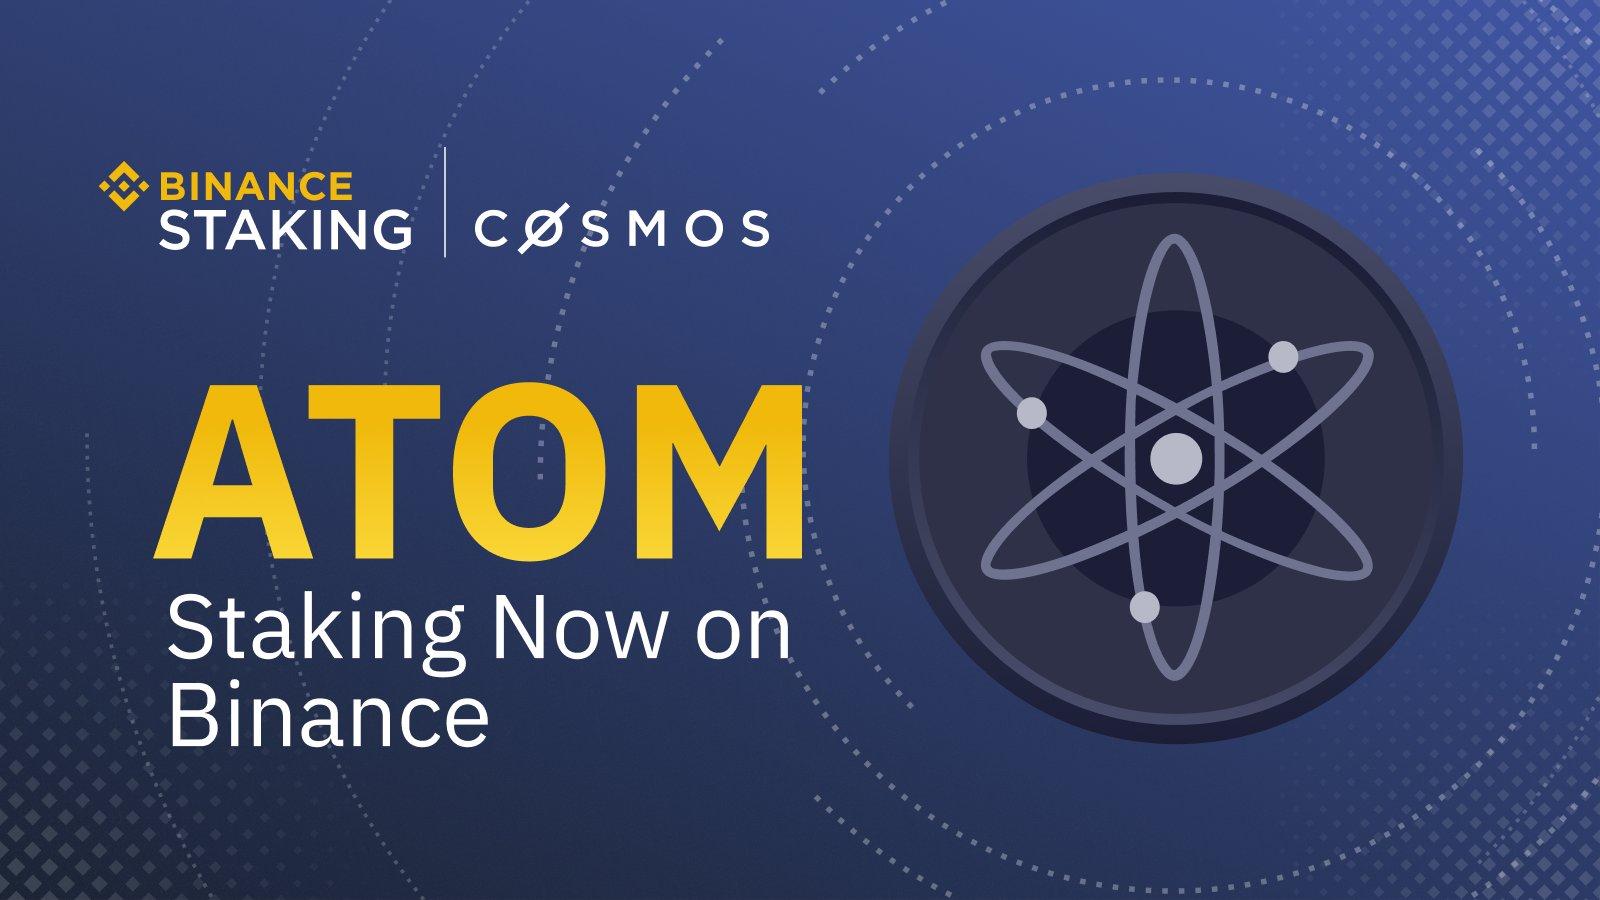 Binance va ajouter le staking de la cryptomonnaie COSMOS (ATOM) le 5 décembre 2019